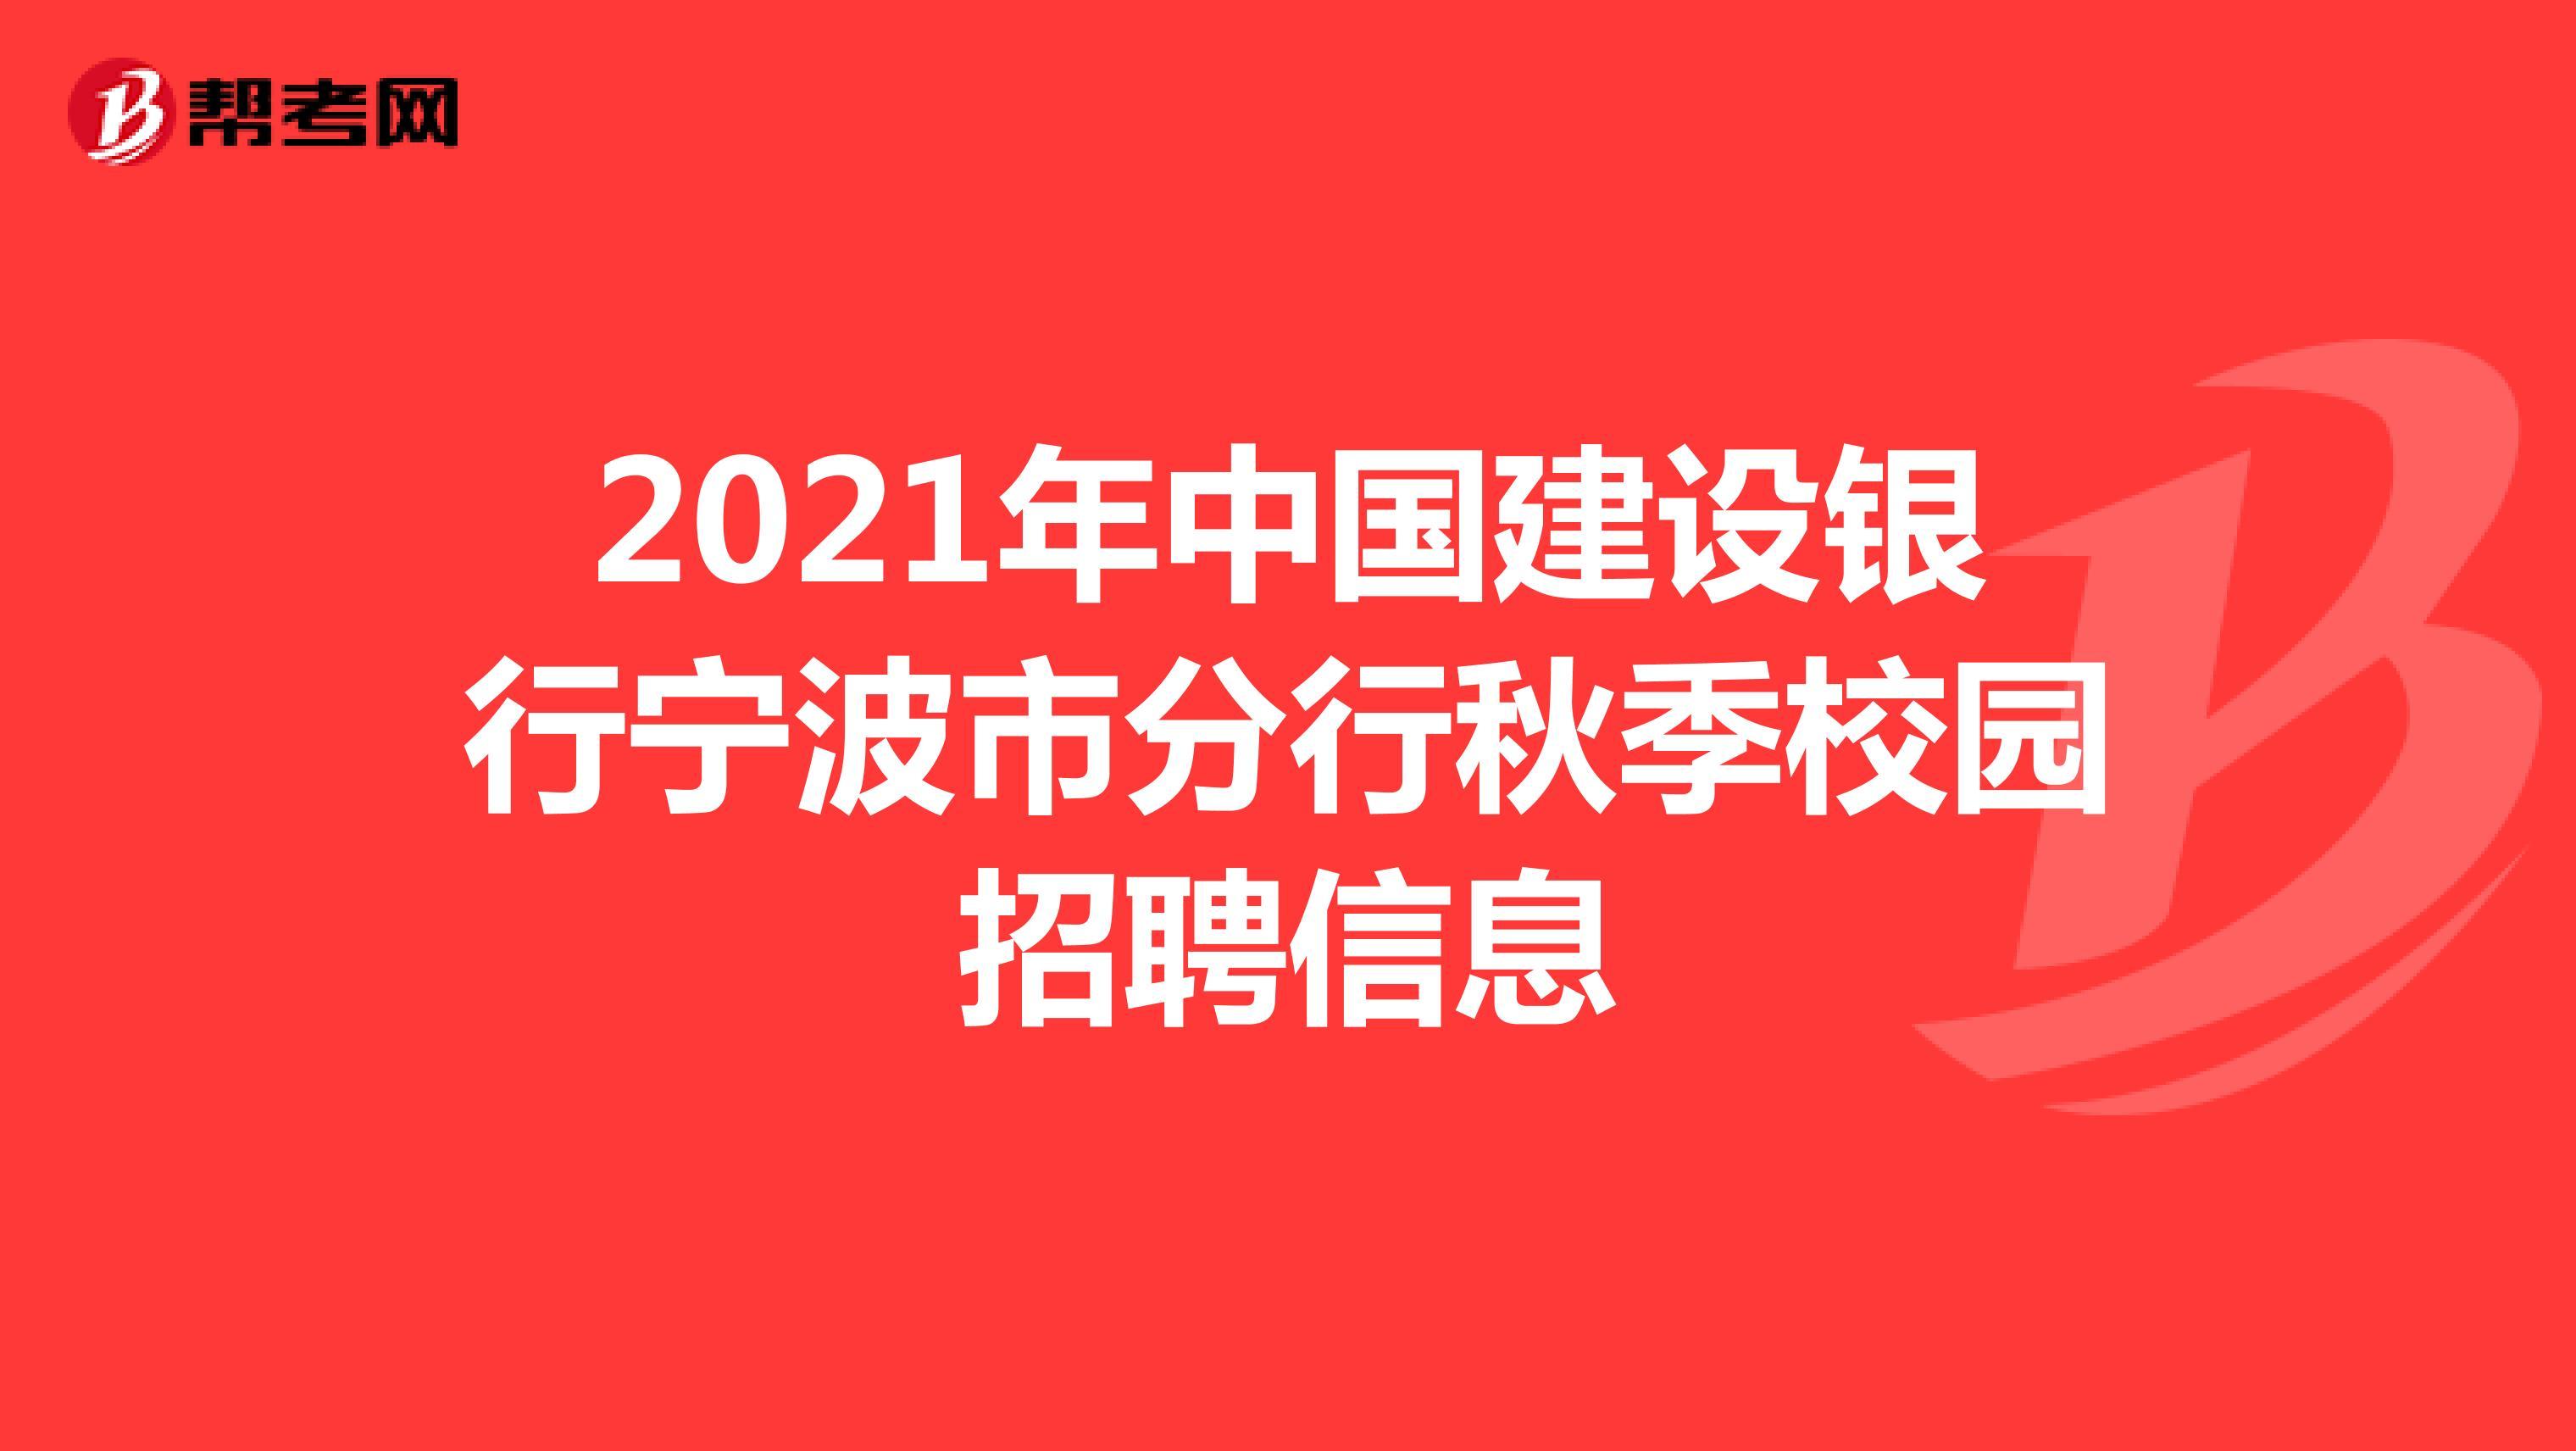 2021年中国建设银行宁波市分行秋季校园招聘信息